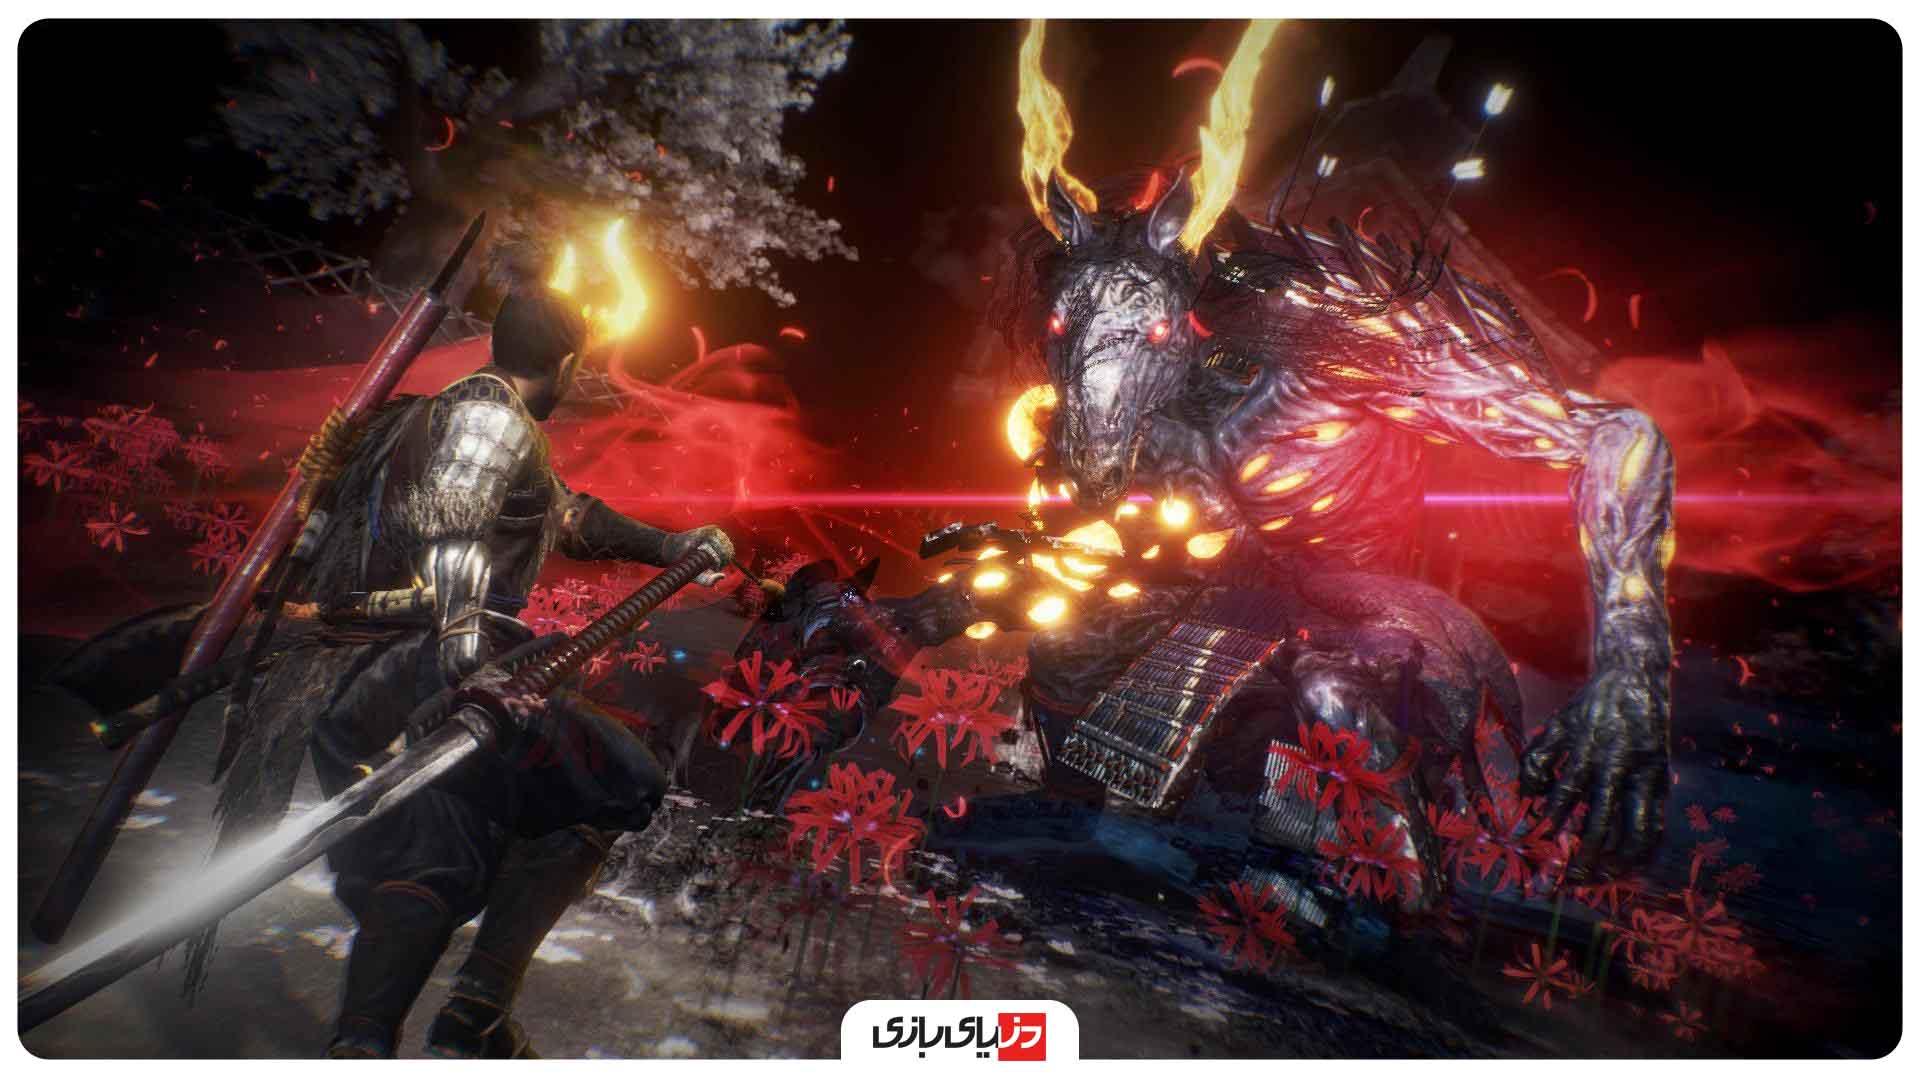 ده برتر - بهترین بازیها از نظر IGN – بازی Nioh 2